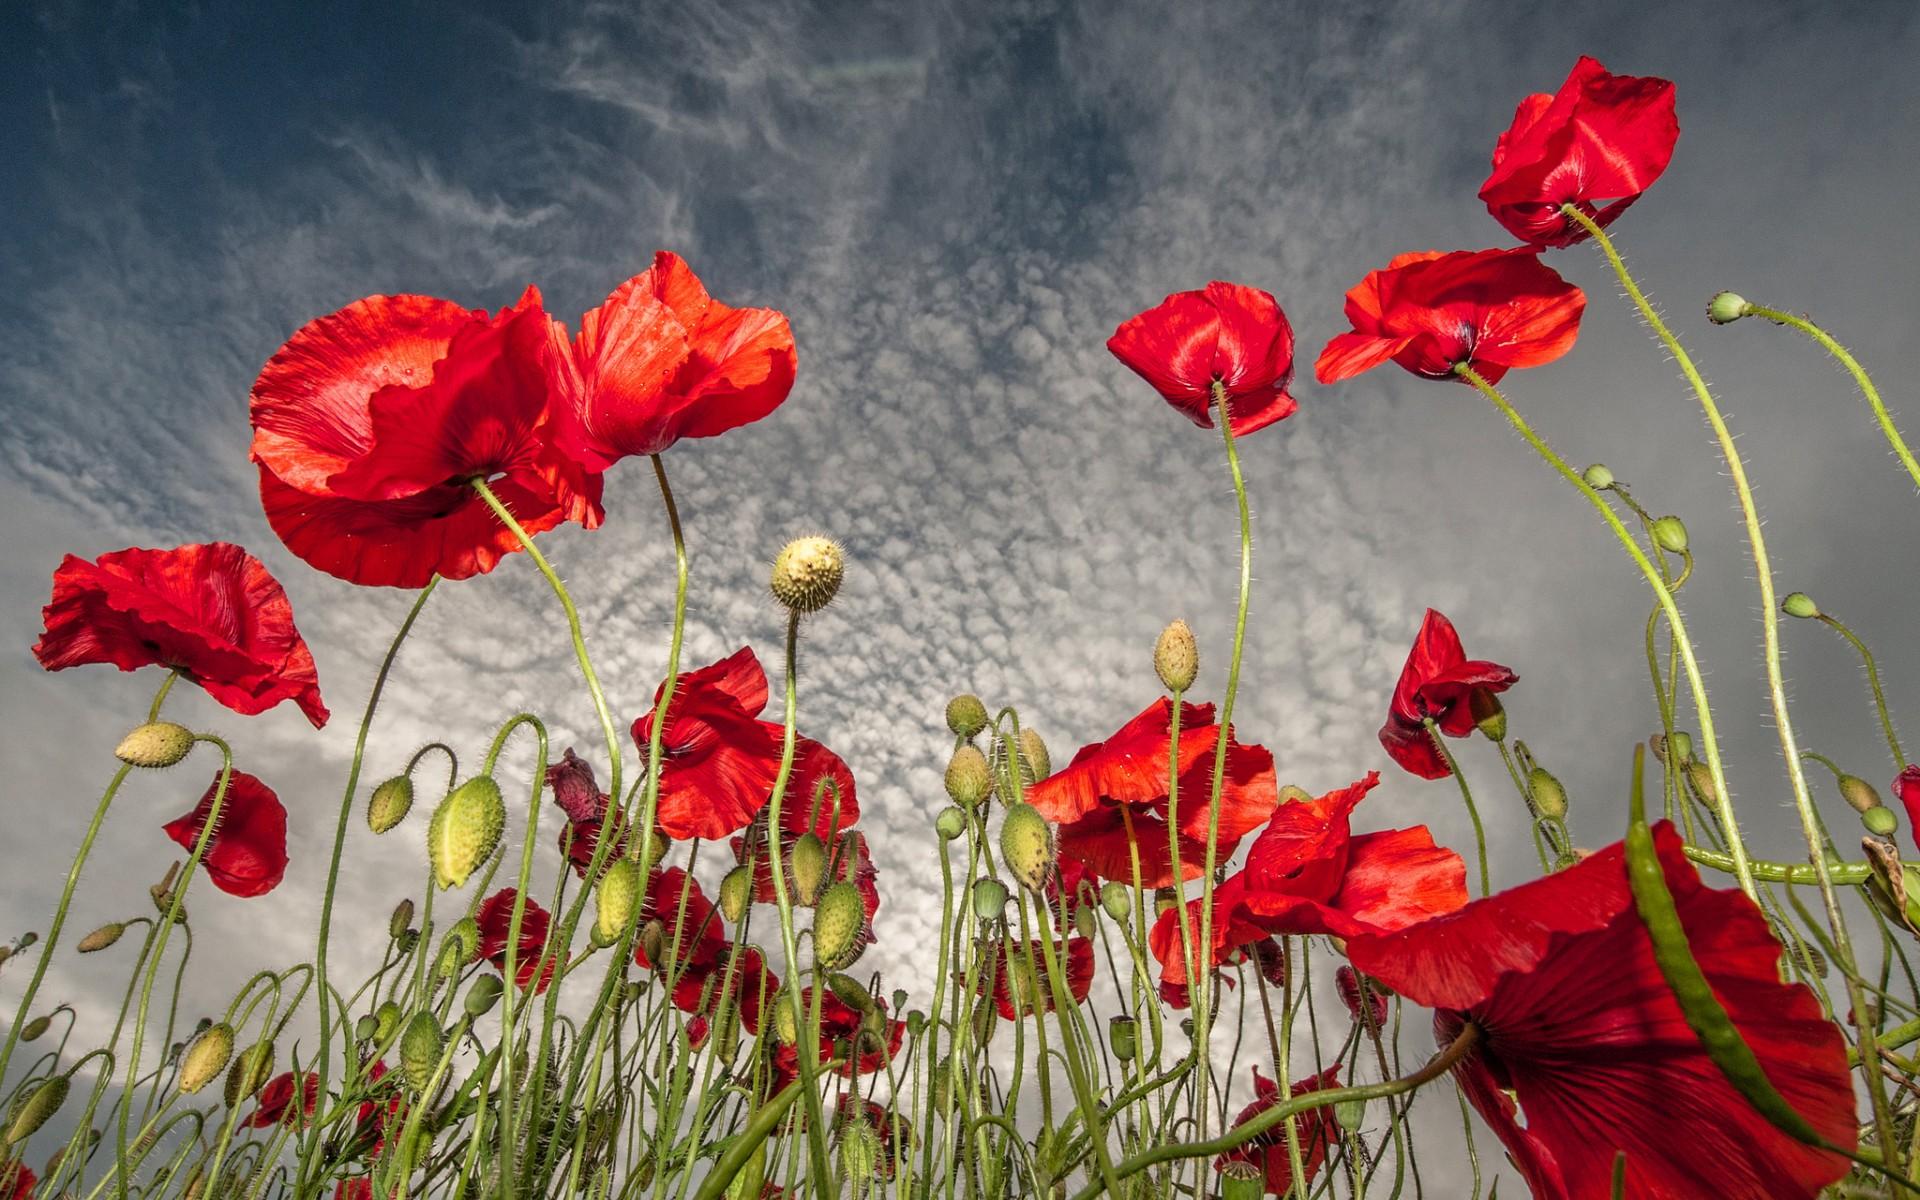 罂粟花的花语与传说的*新剖析